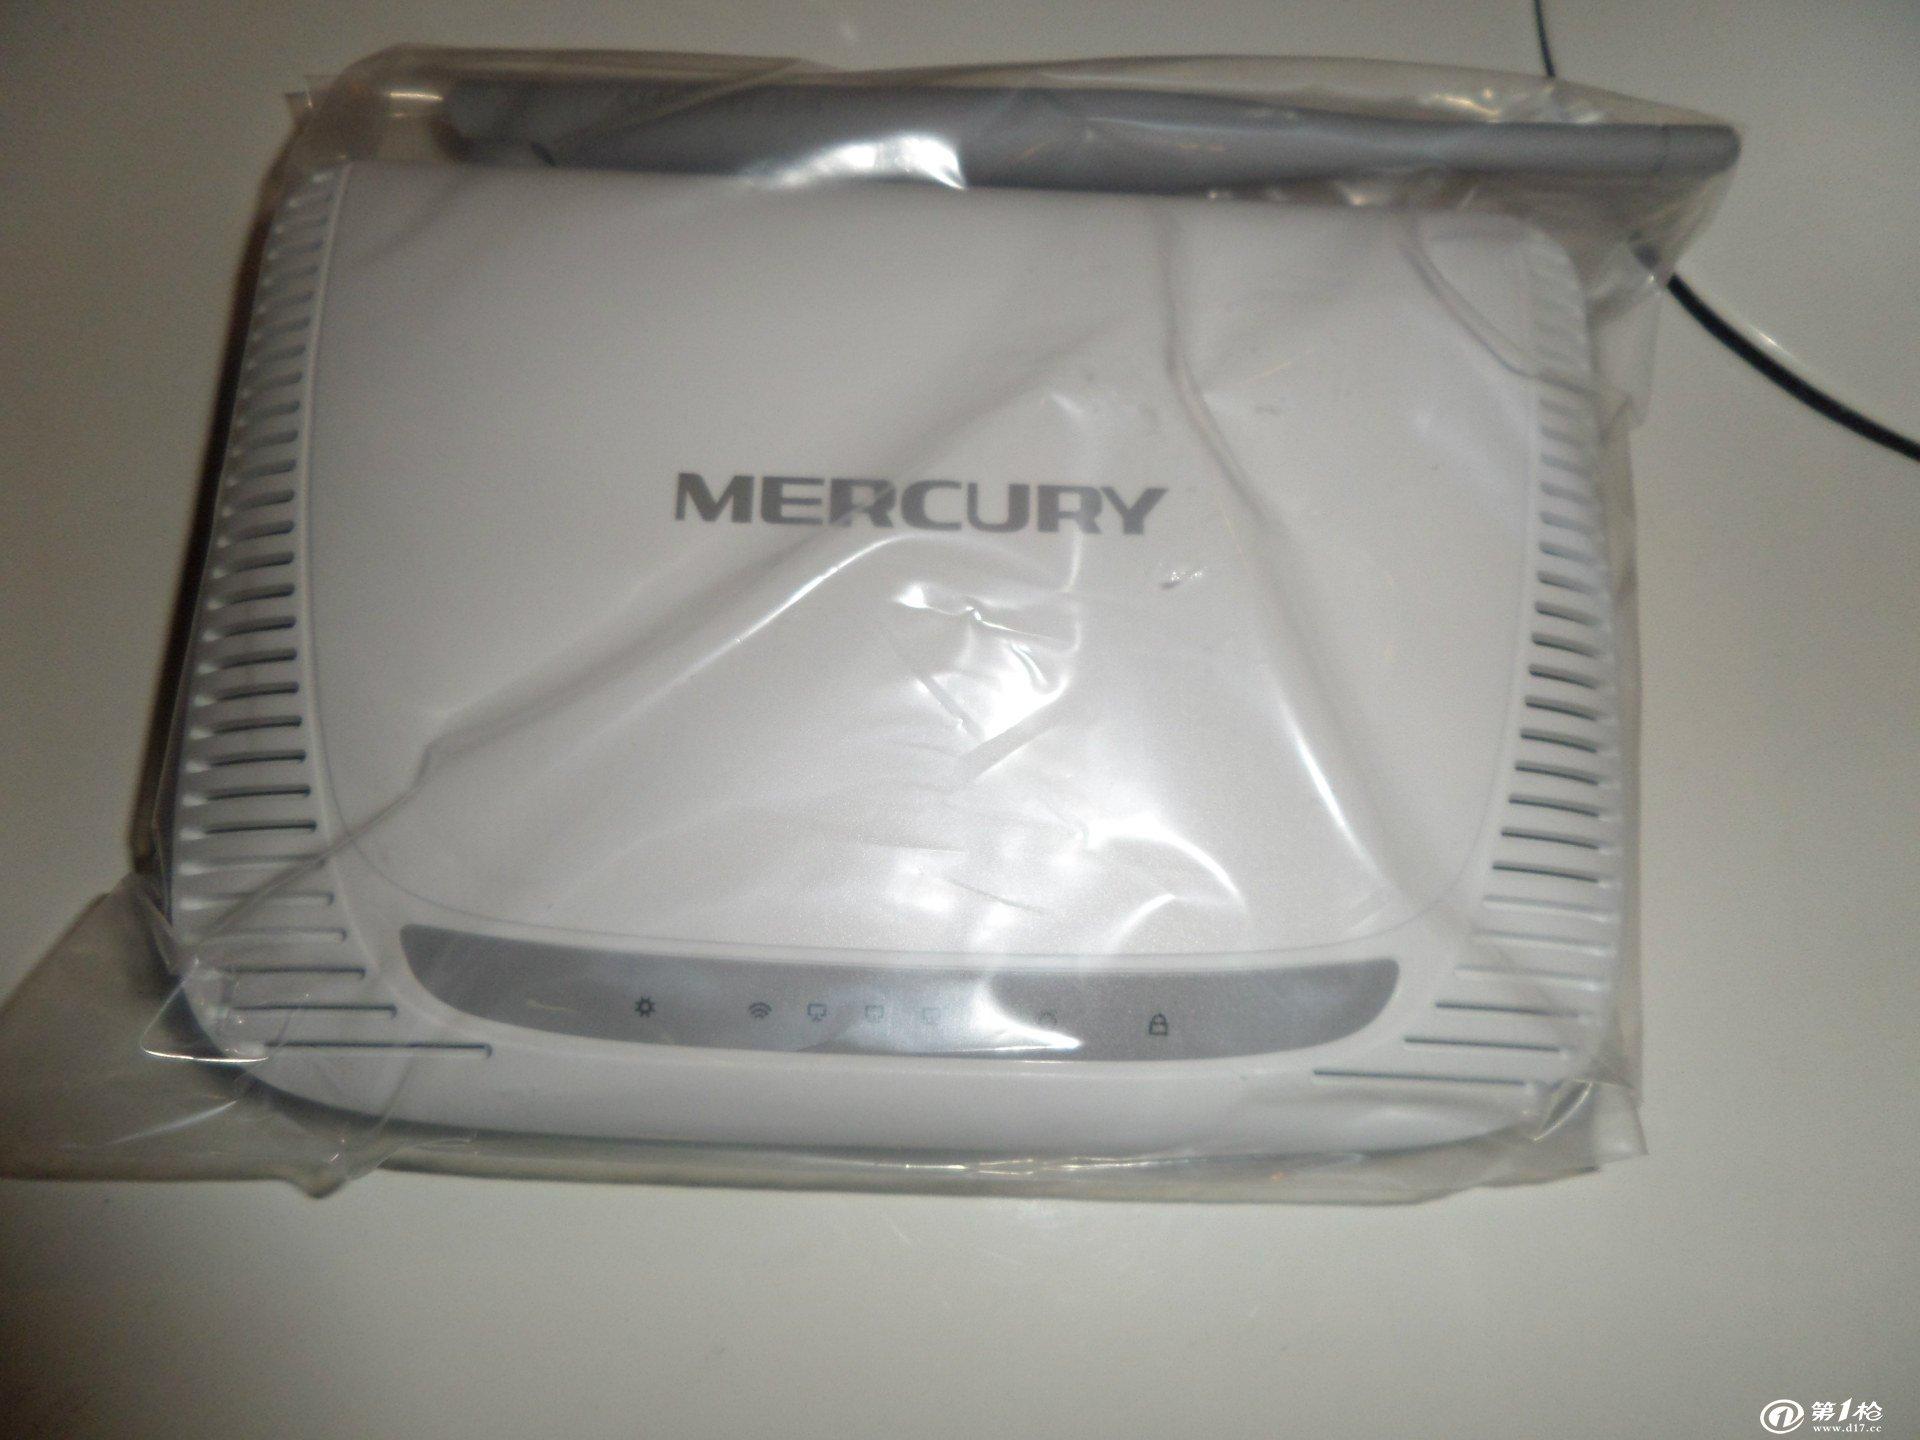 特价供应 mercury/水星mw150r 无线路由器 水星路由器